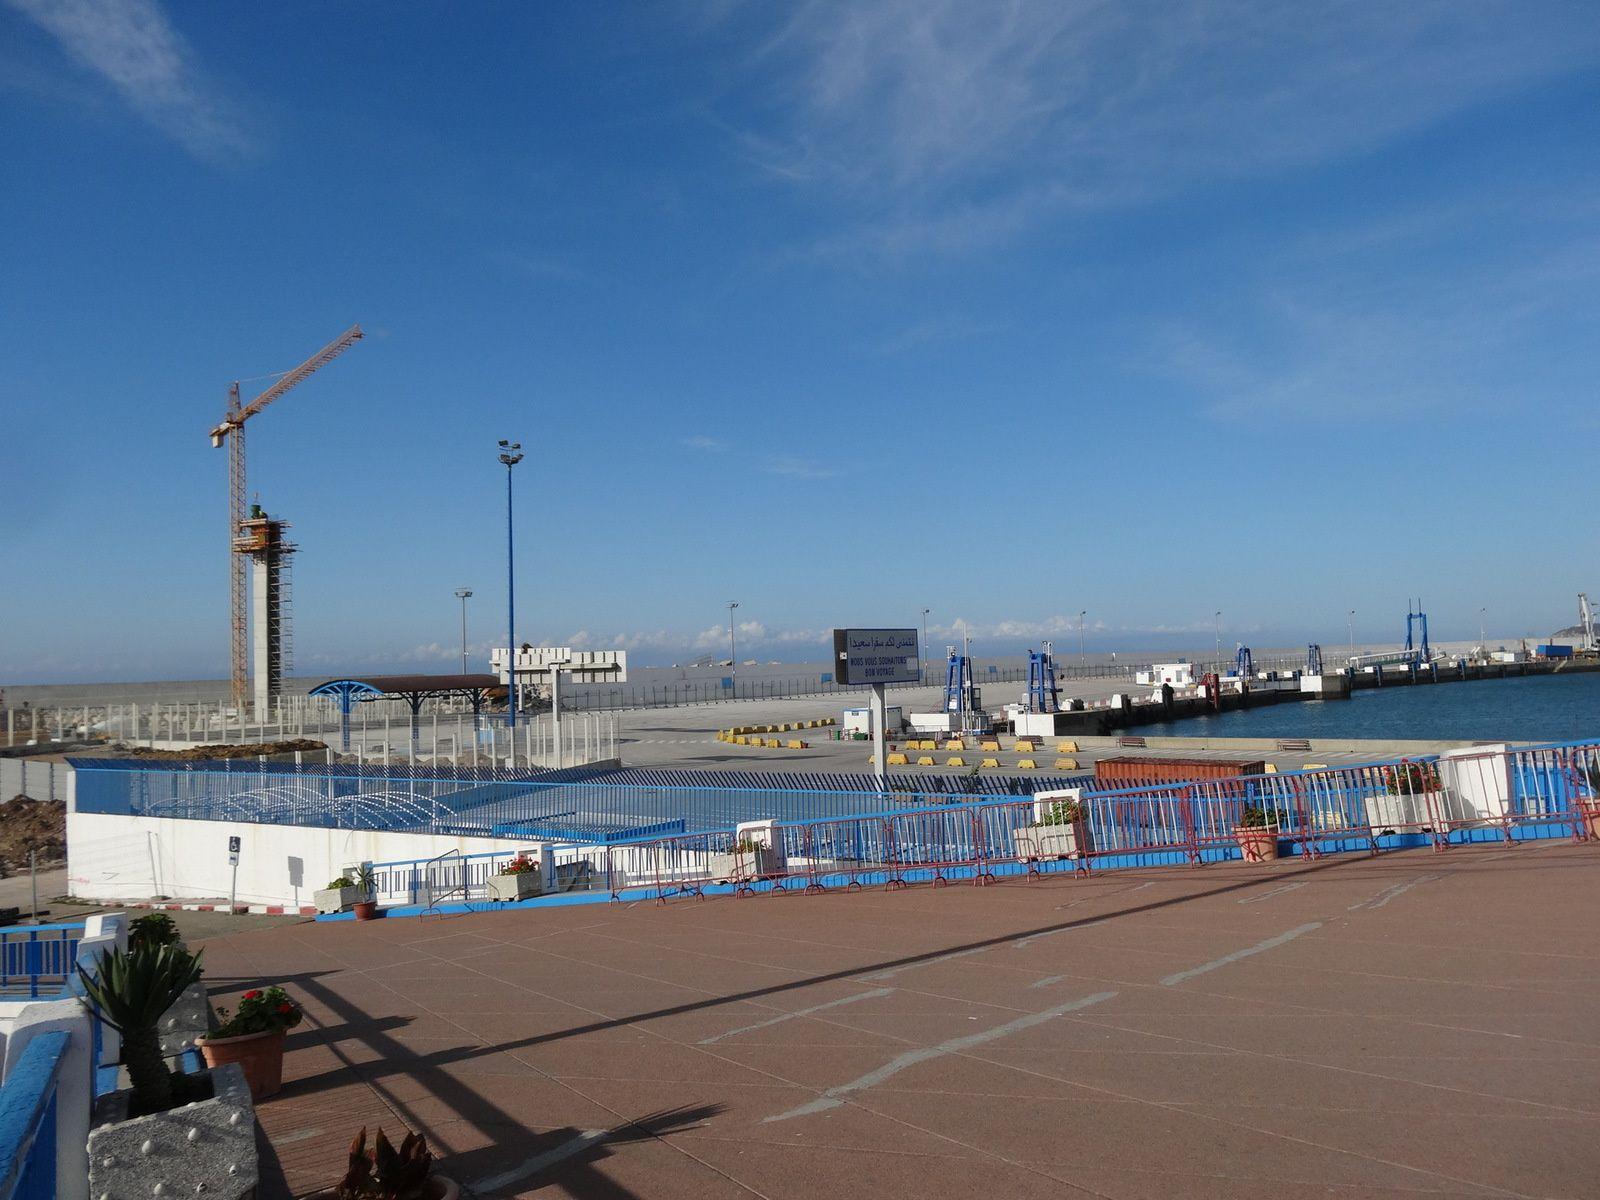 Un nouveau pylône sur le quai des bateaux de croisière à Tanger